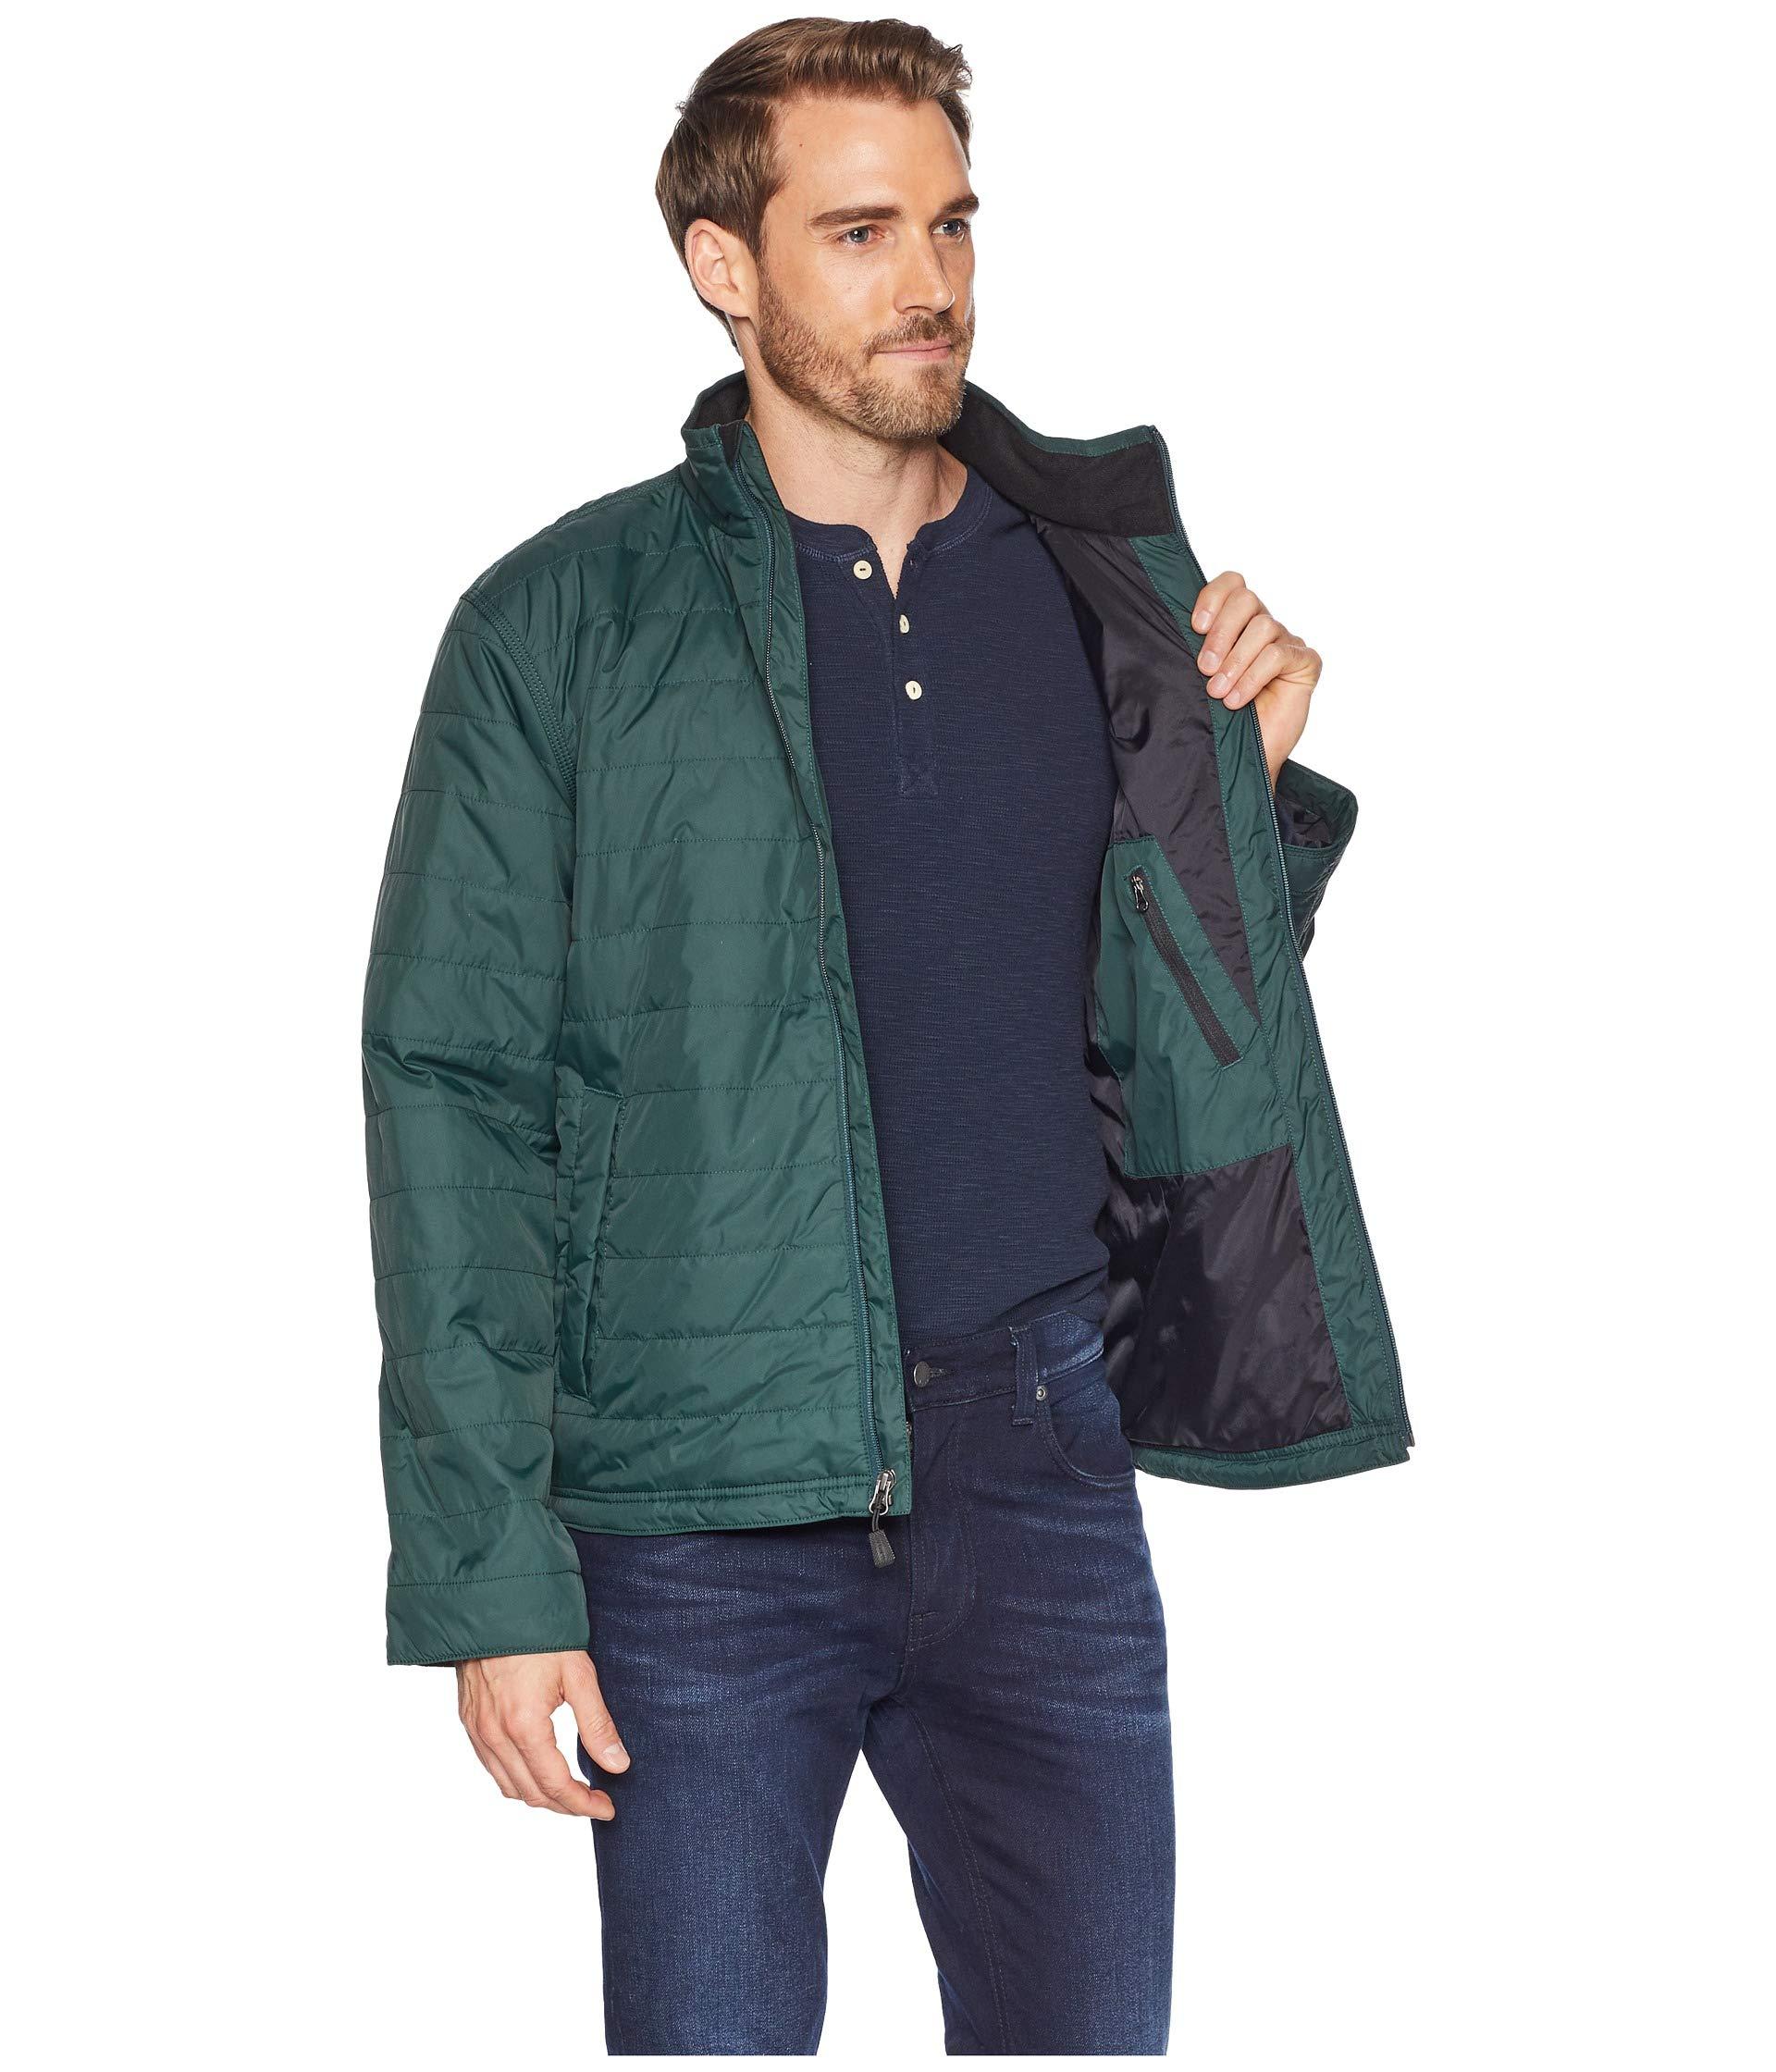 Carhartt Gilliam Gilliam Carhartt Jacket Green Canopy wTqwR76